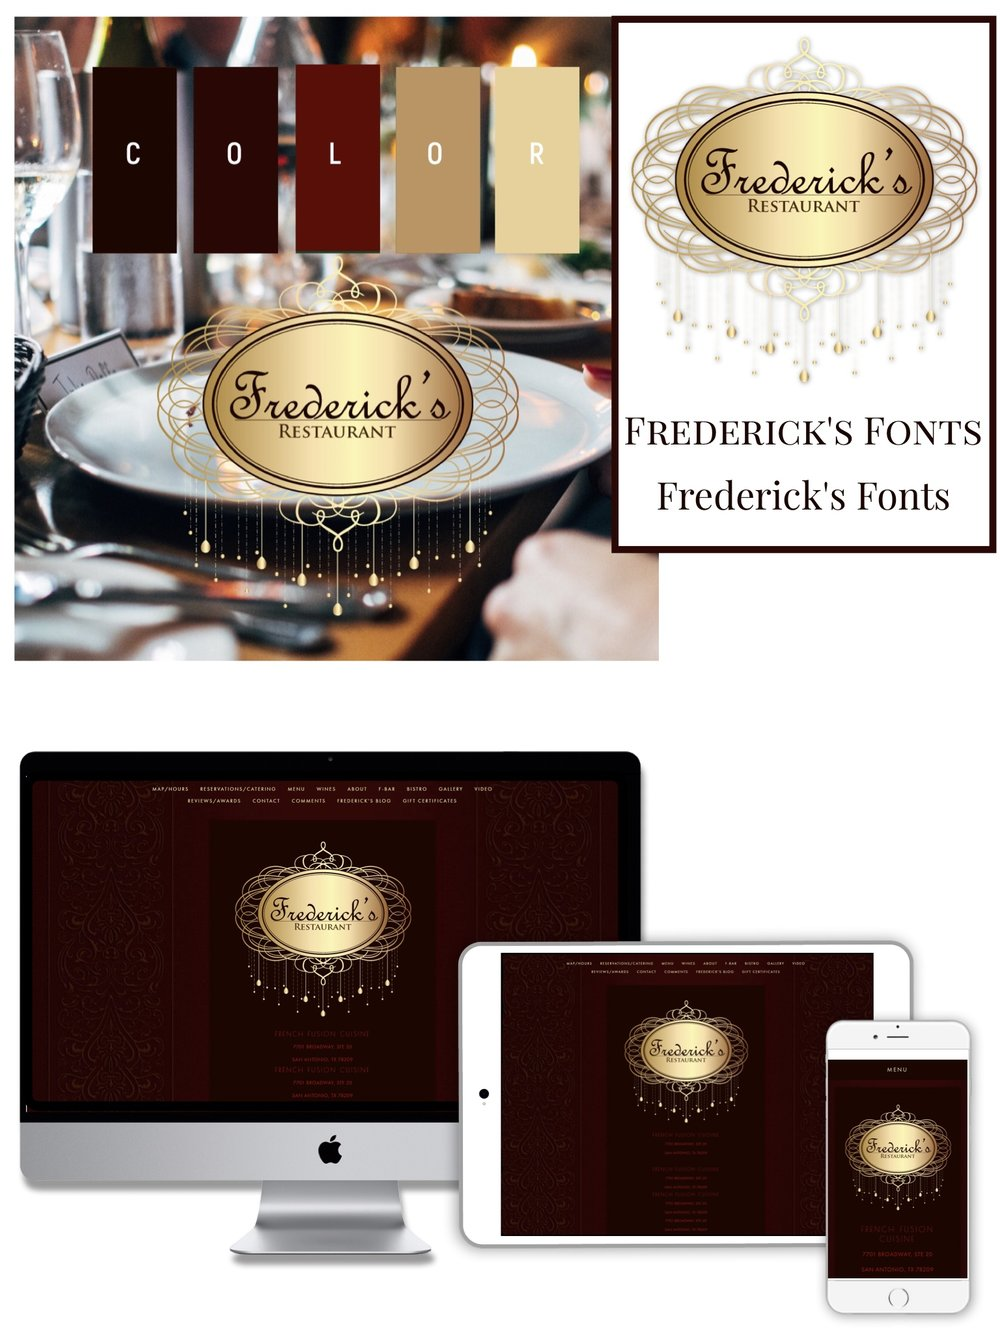 Fredericks_Website-Branding.JPG